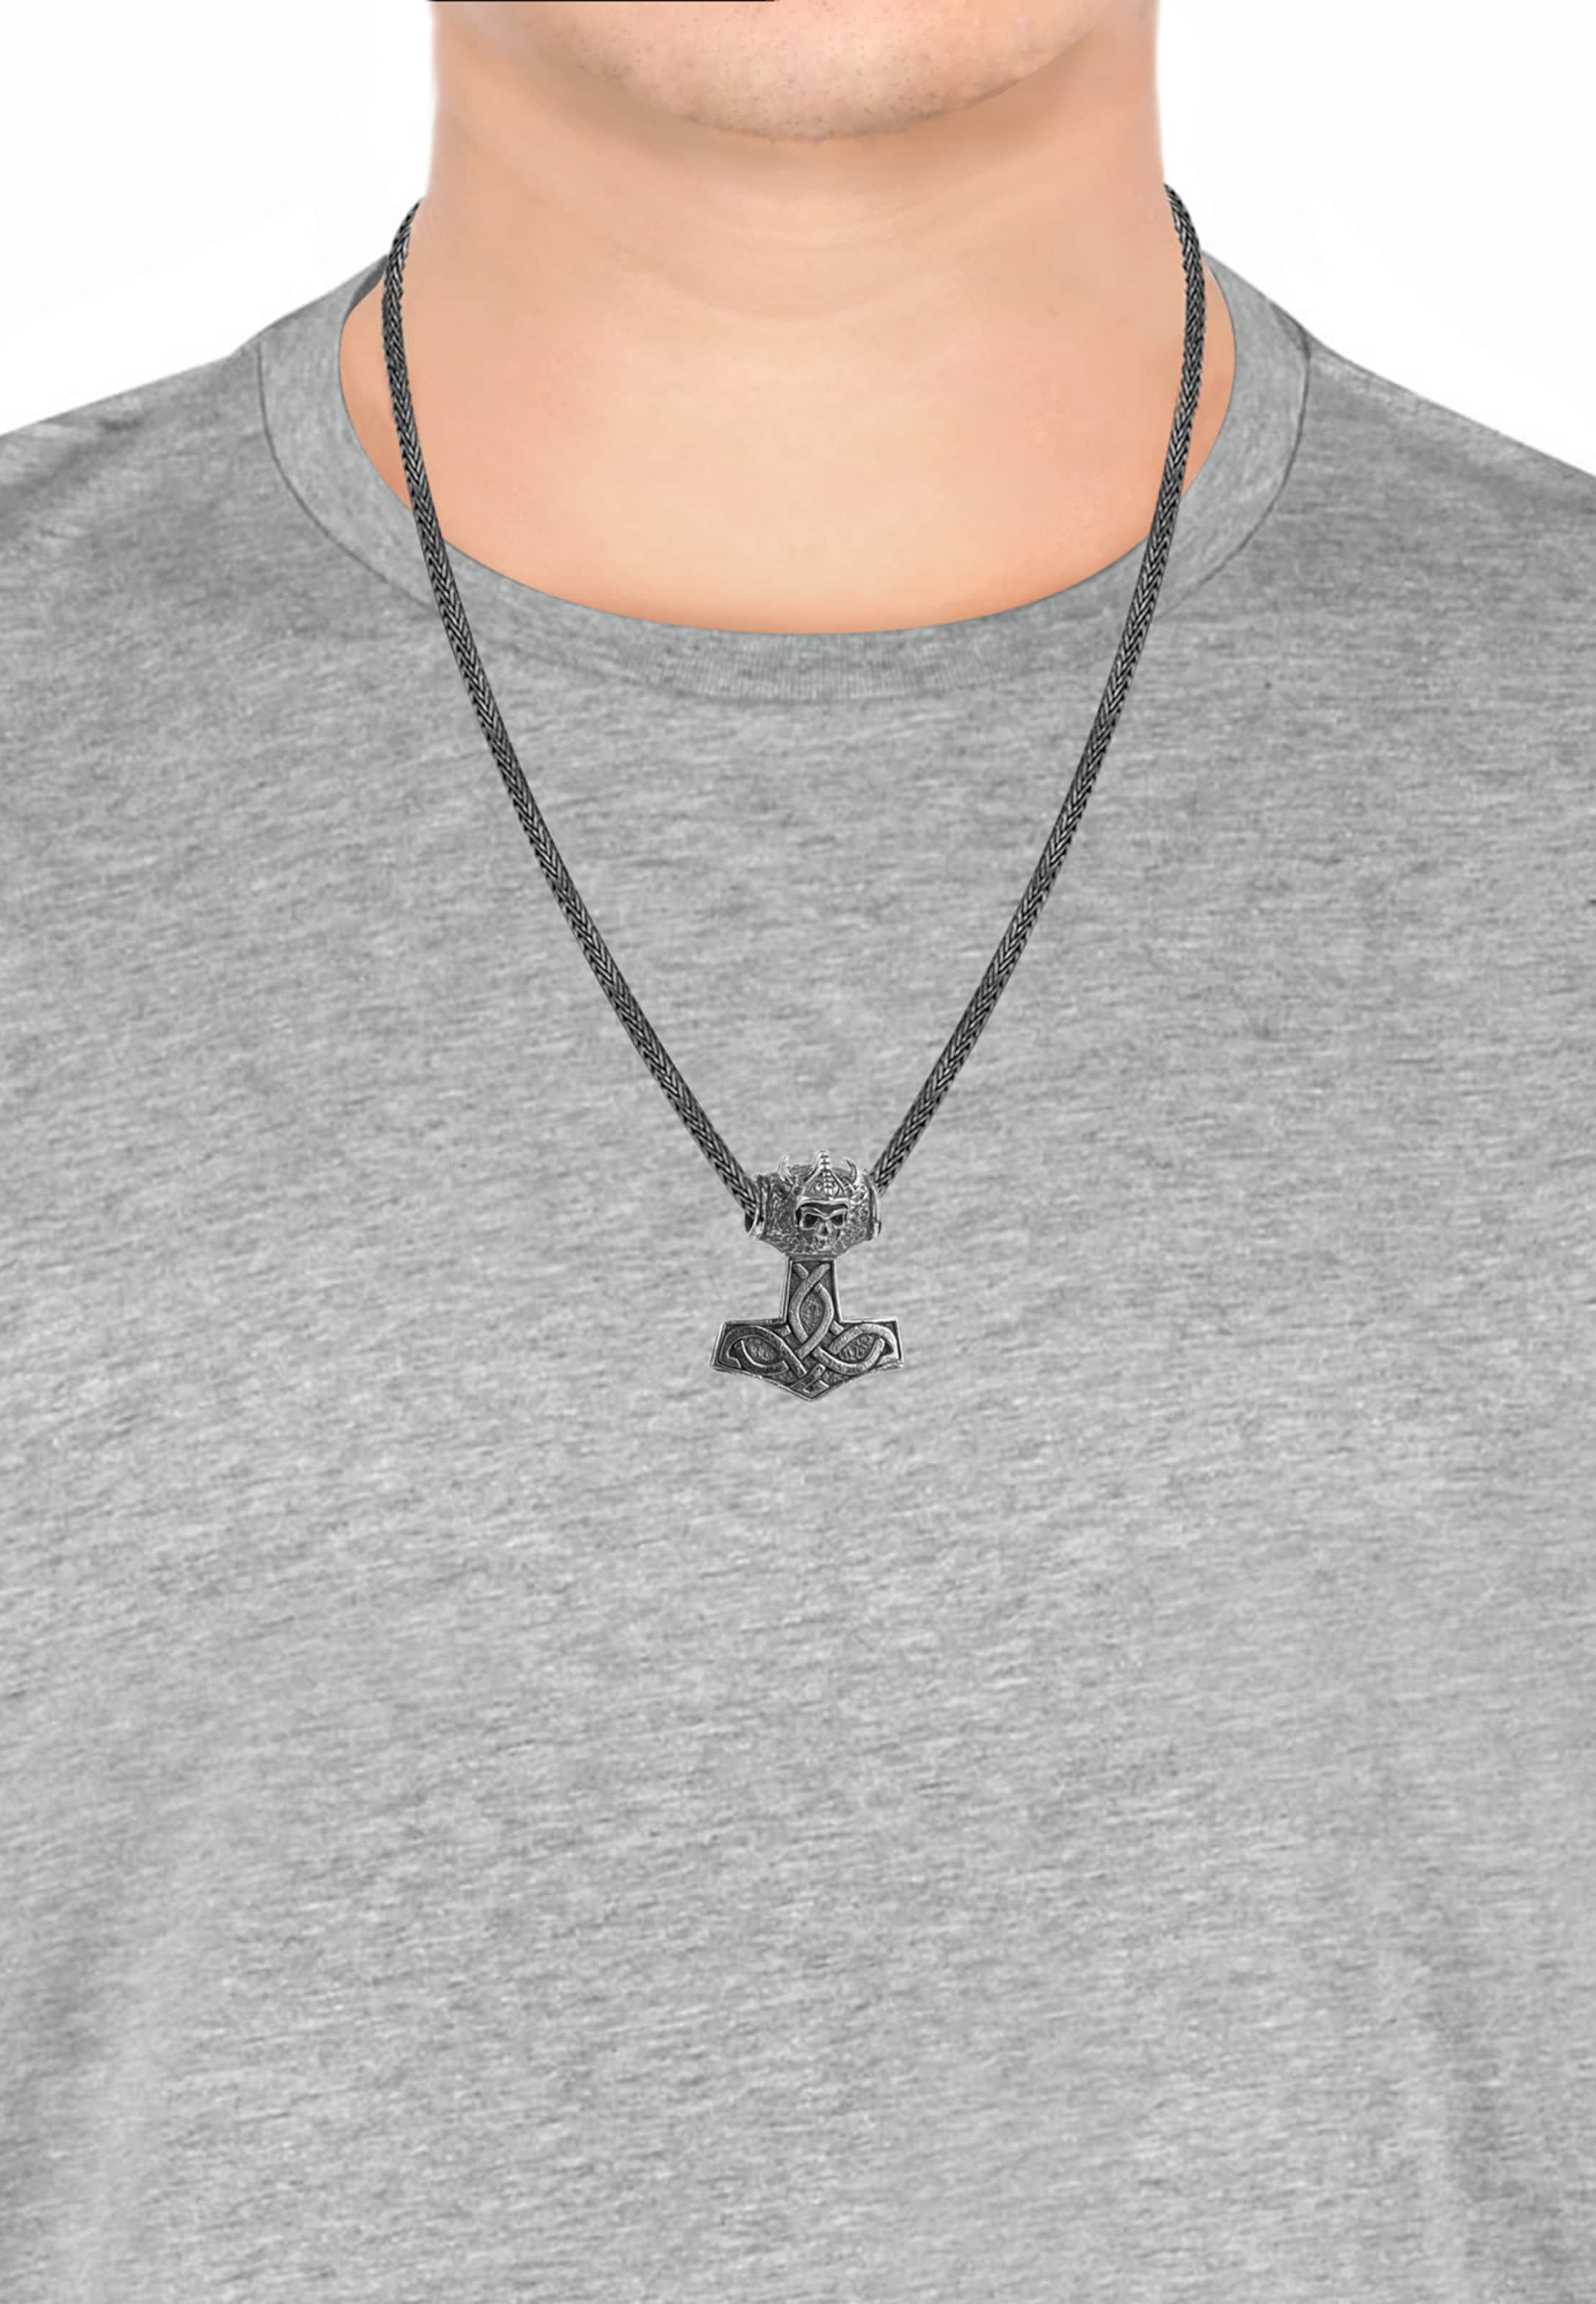 Halskette Halskette Kuzzoi Halskette In Kuzzoi In Silber Kuzzoi Silber 5j34LRAq